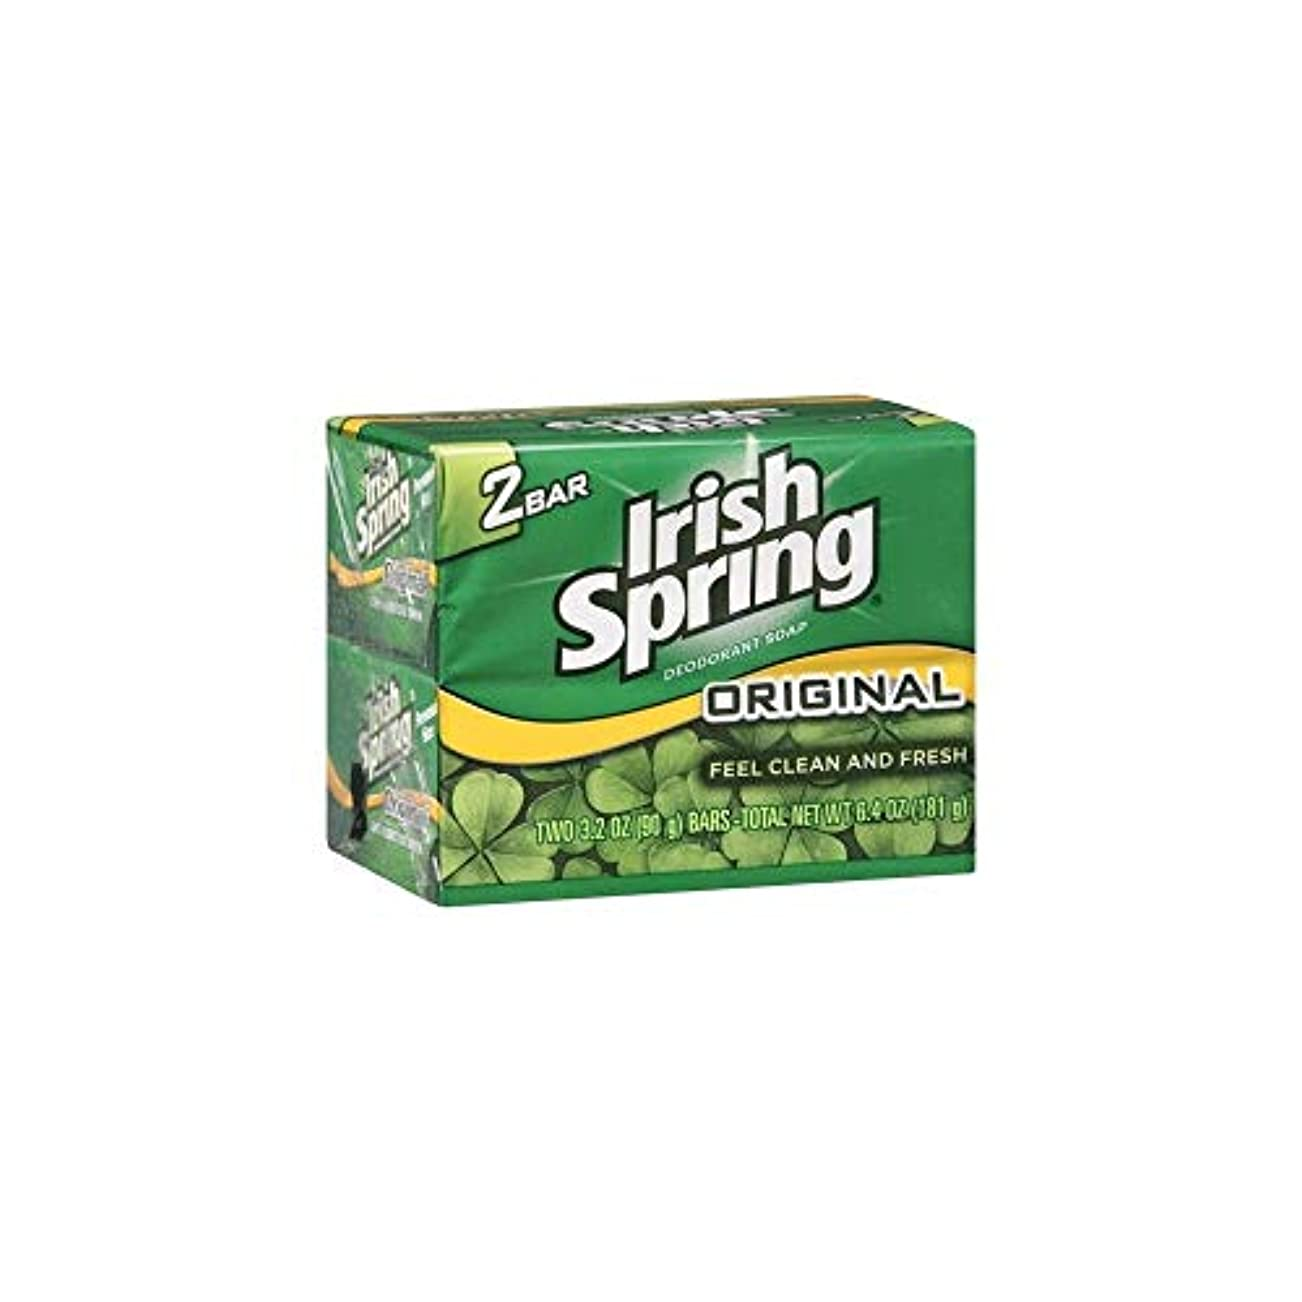 私たち輝度必要Irish Spring 石鹸3.2オズバー 4つのバー